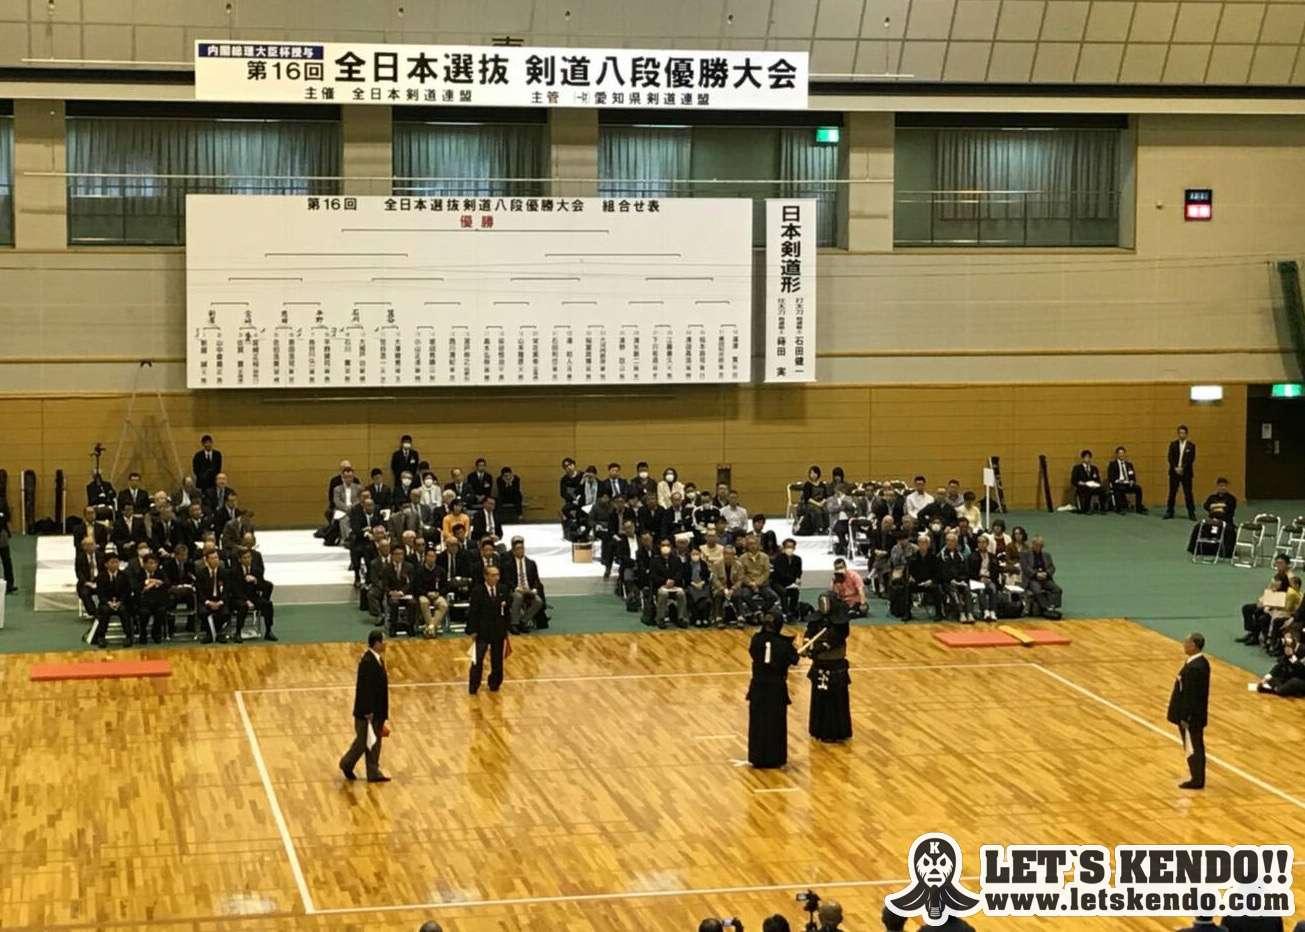 【大会結果】4/15 第16回全日本選抜剣道八段優勝大会